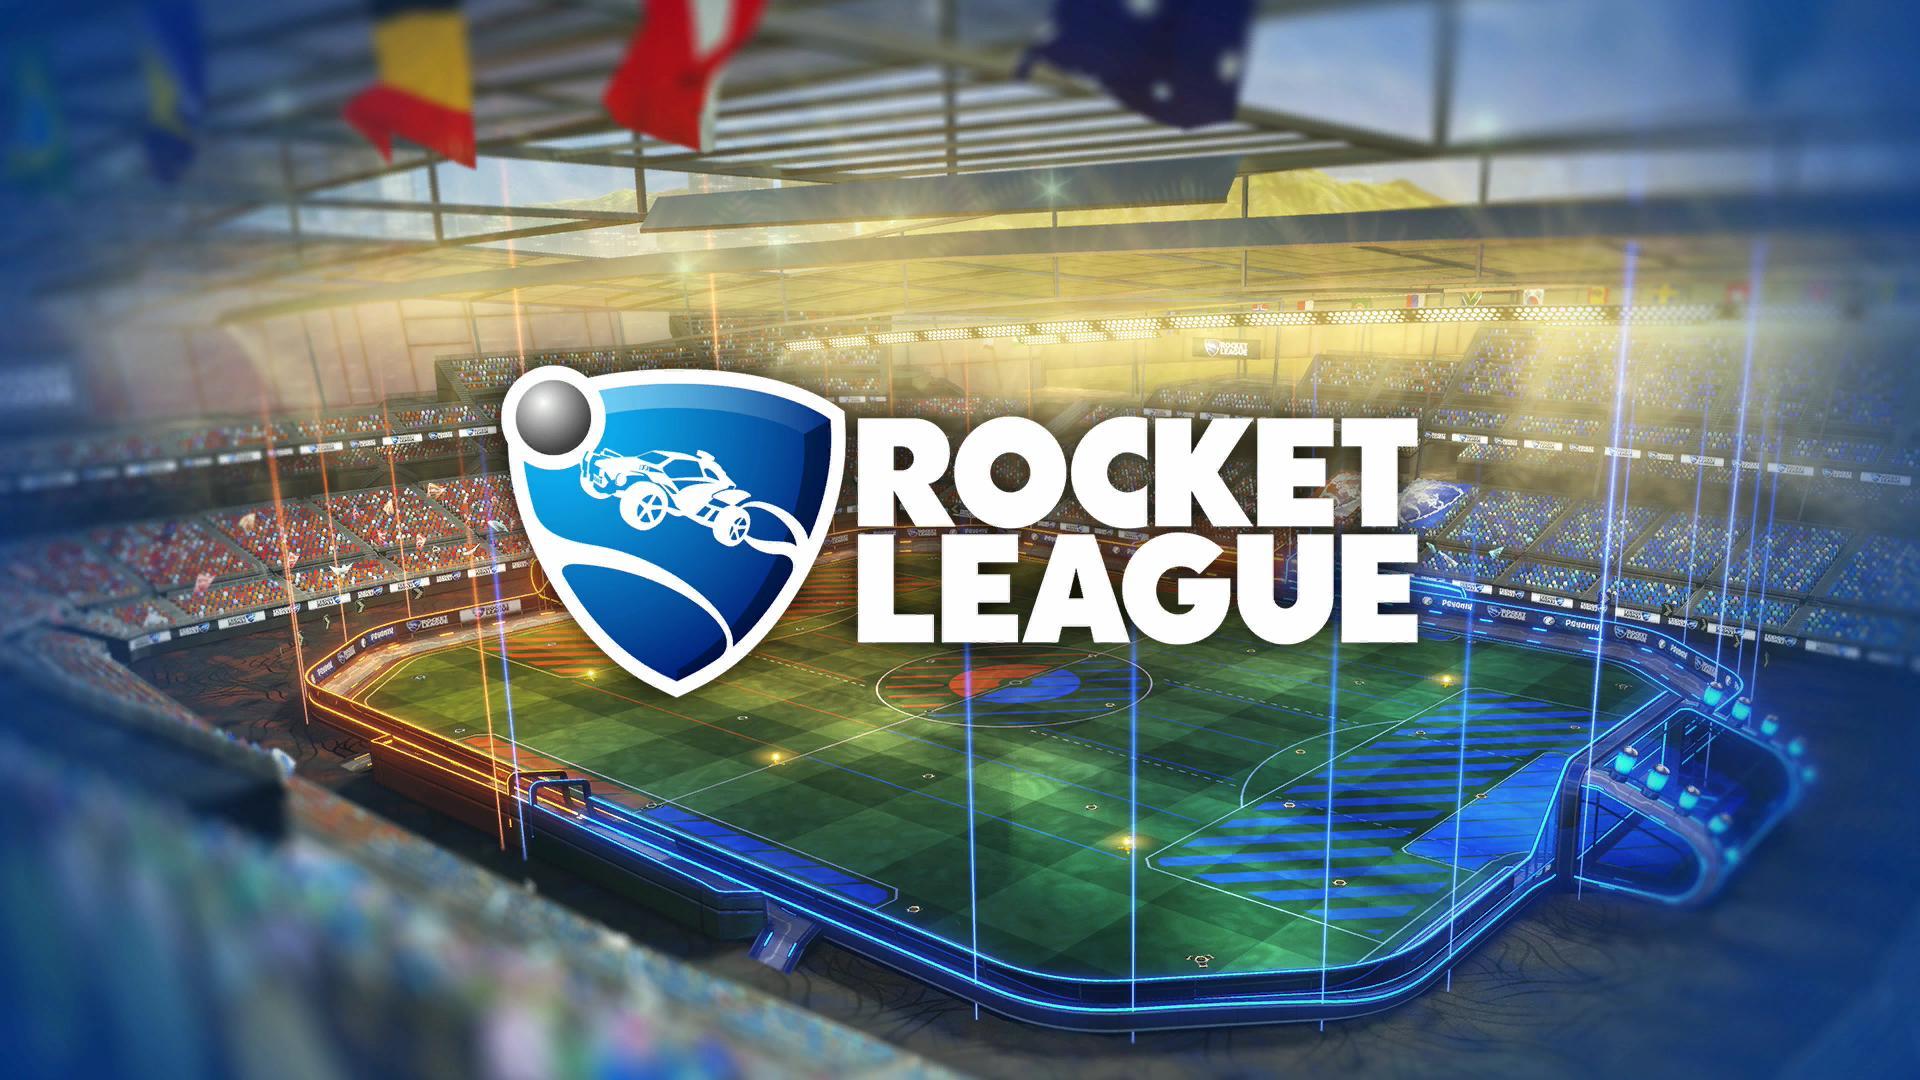 ۲۵ میلیون بازیکن Rocket League در بیش از ۱ میلیارد مسابقه شرکت کردهاند